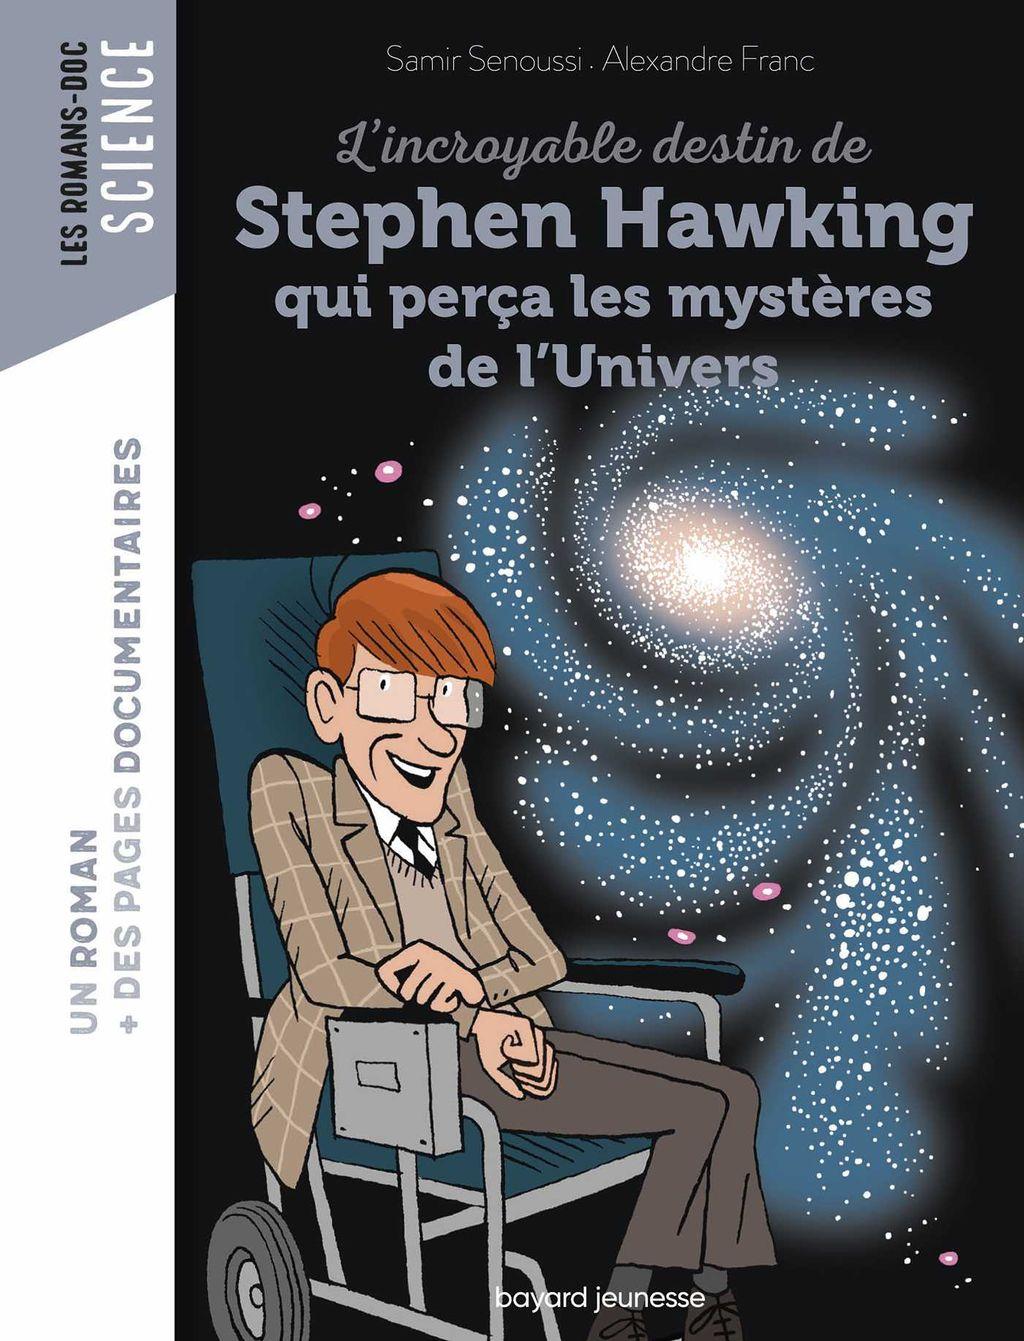 Couverture de «L'incroyable destin de Stephen Hawking qui perça les mystères de l'Univers»